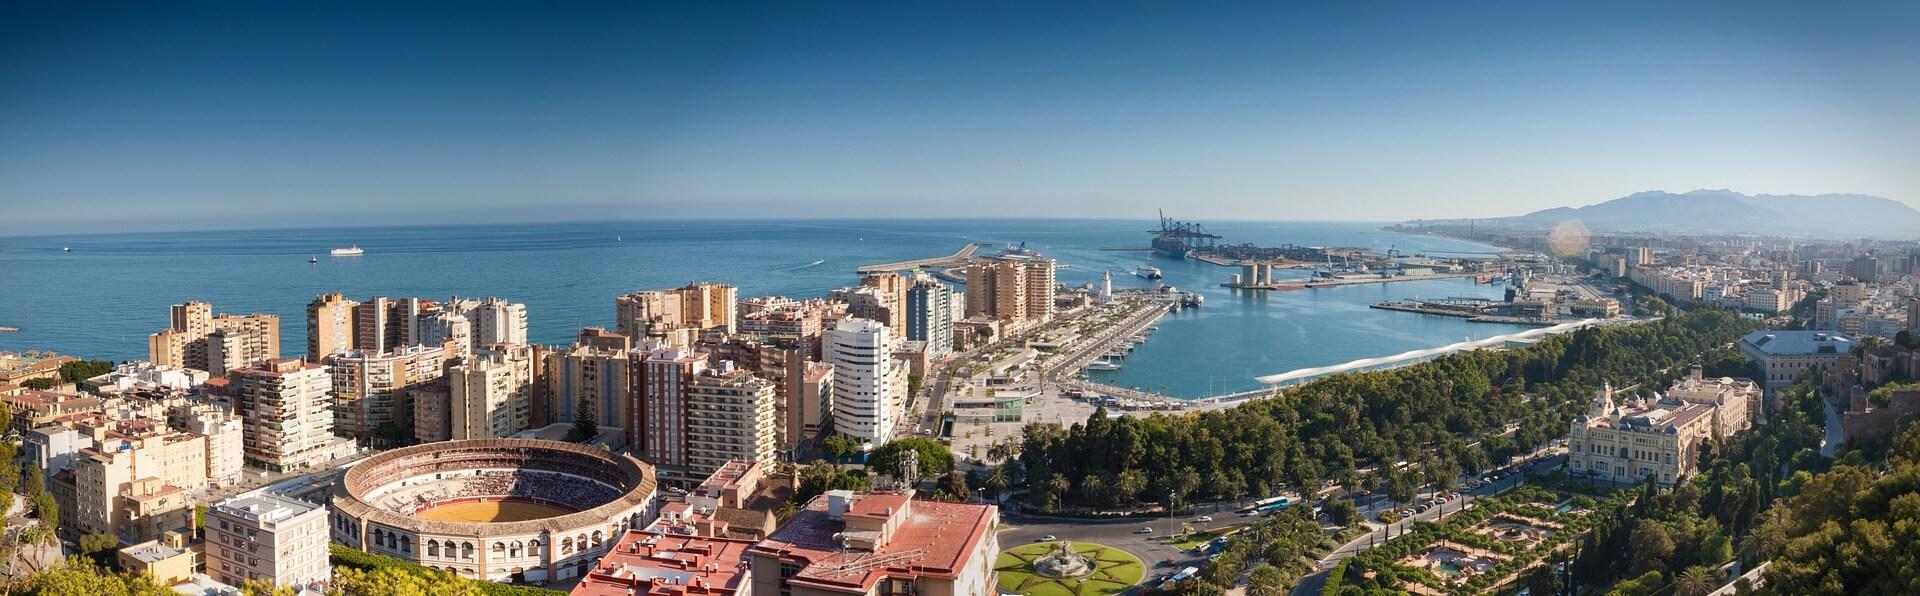 Direktflüge und Billigflüge ab Frankfurt nach Málaga